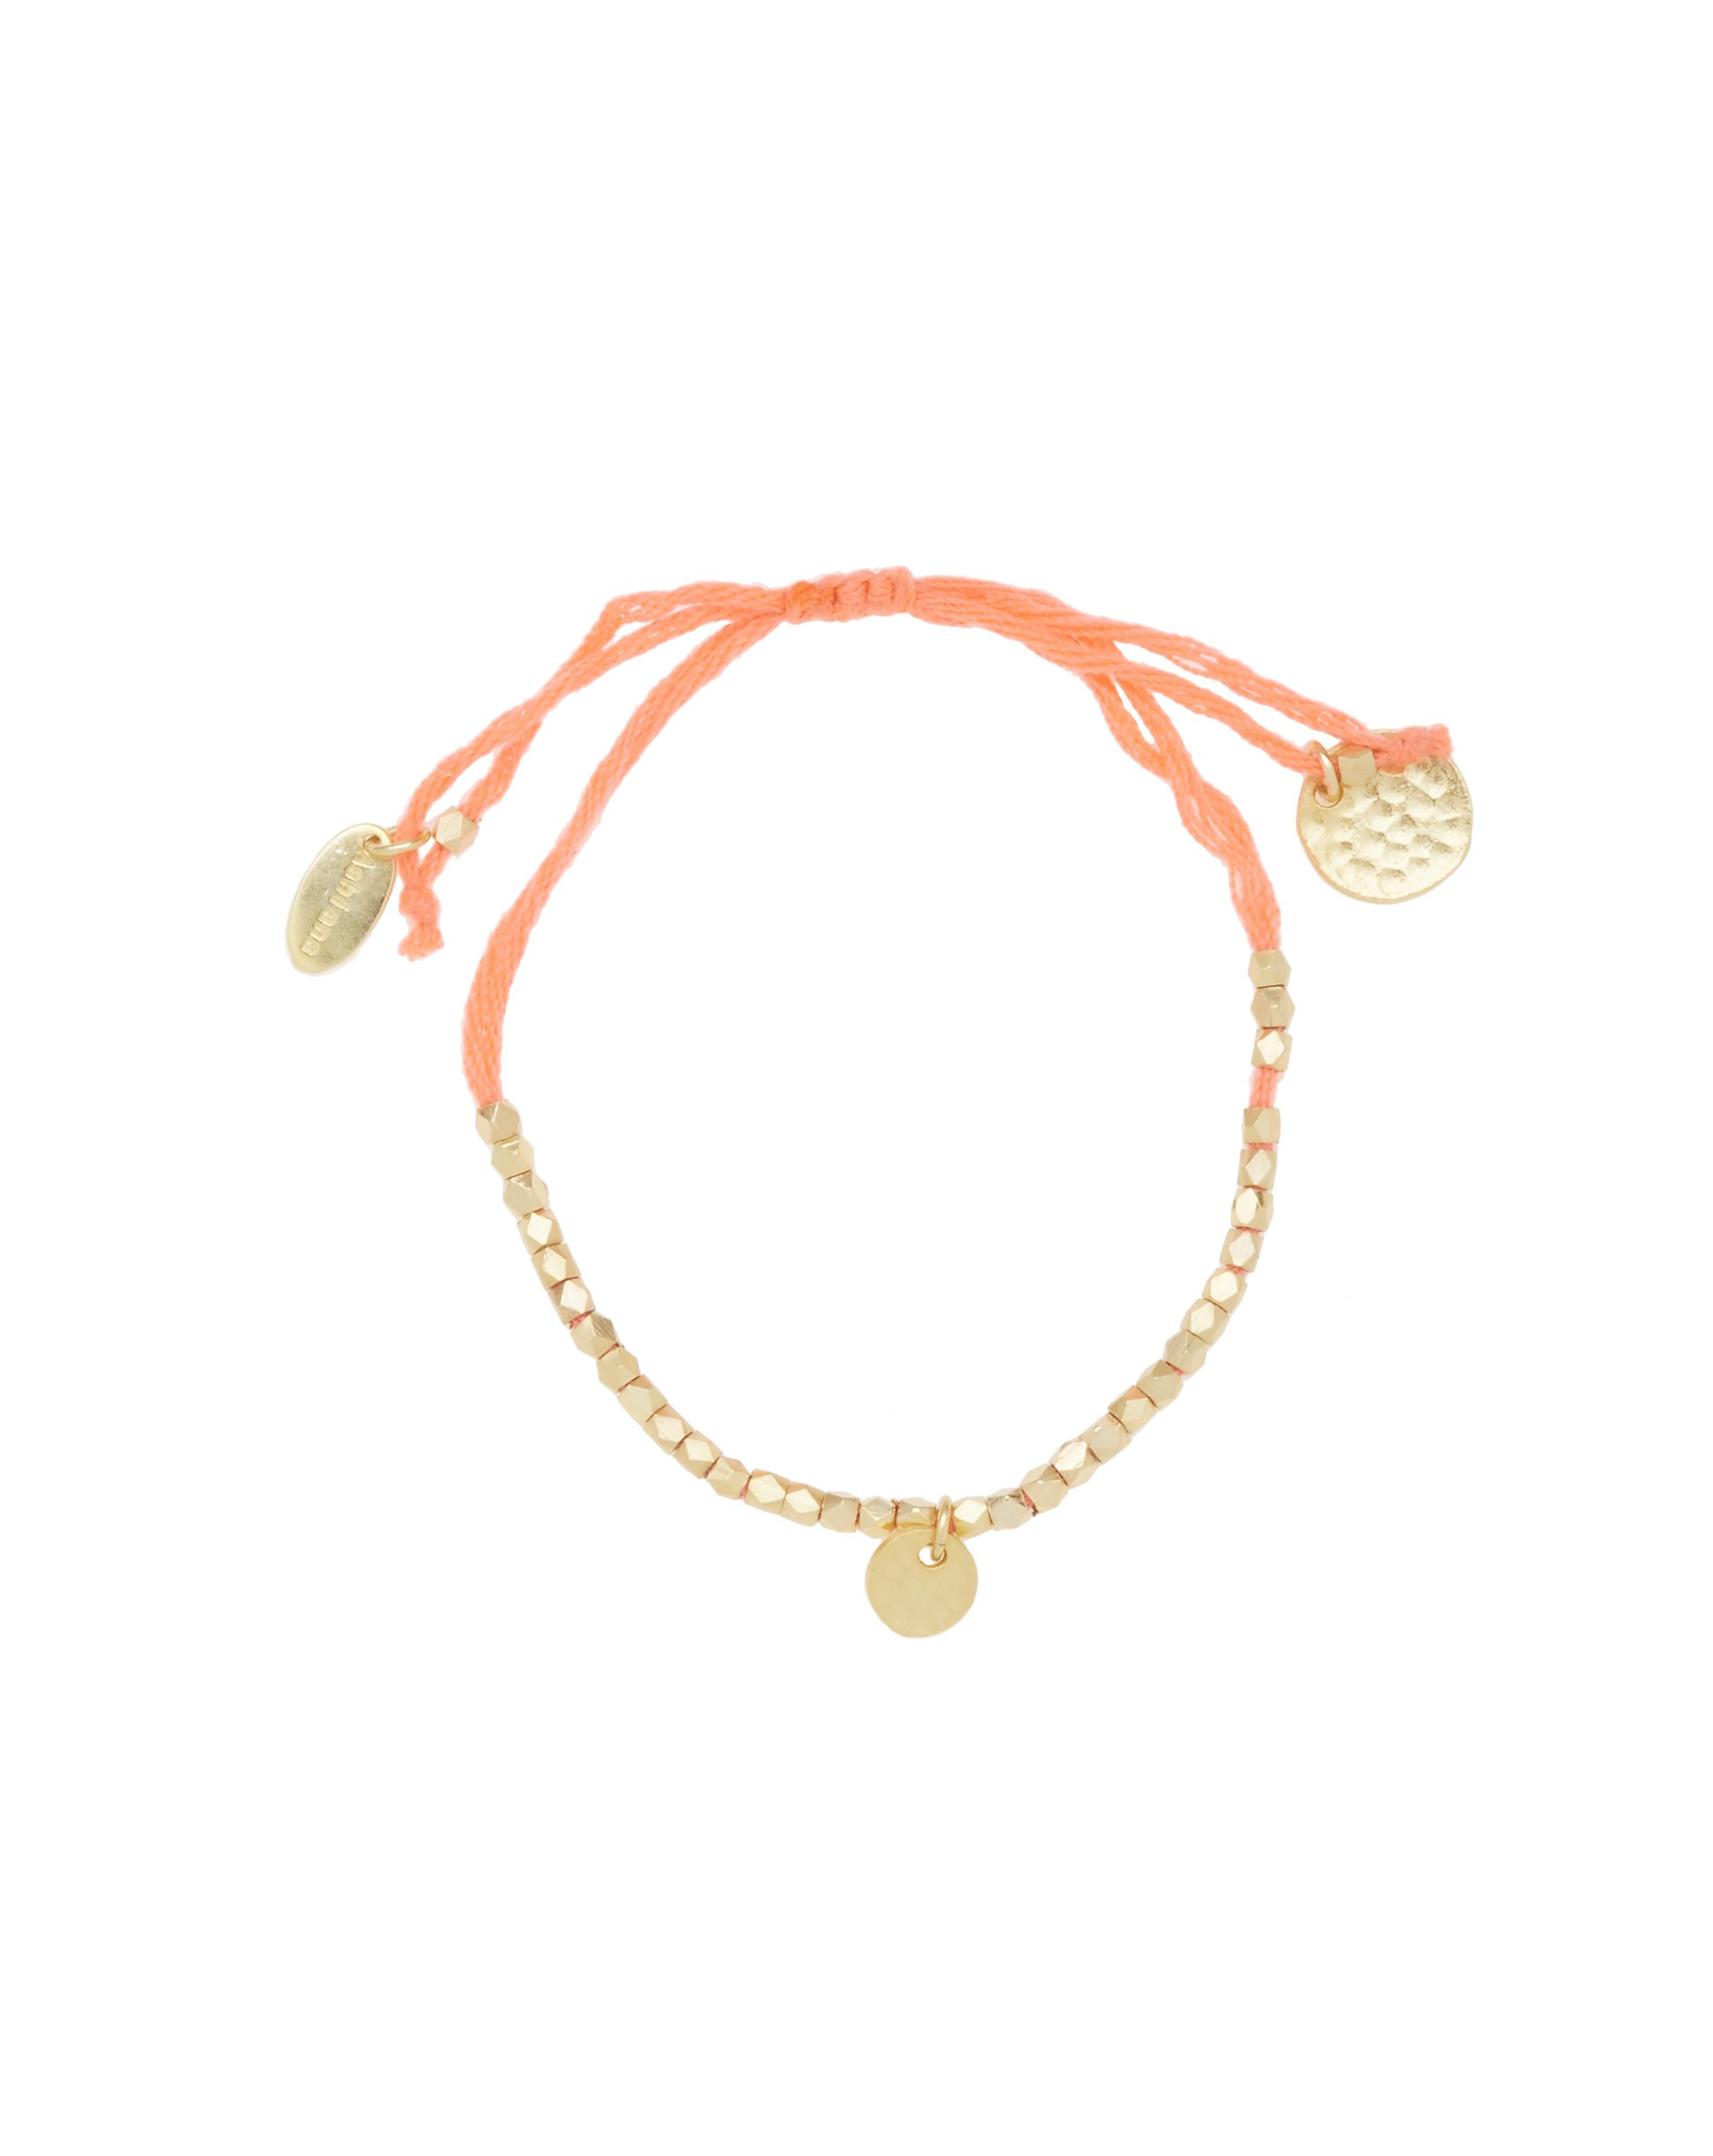 f2b8c5c1963a0 Mala Friendship bracelet with cord by Ashiana